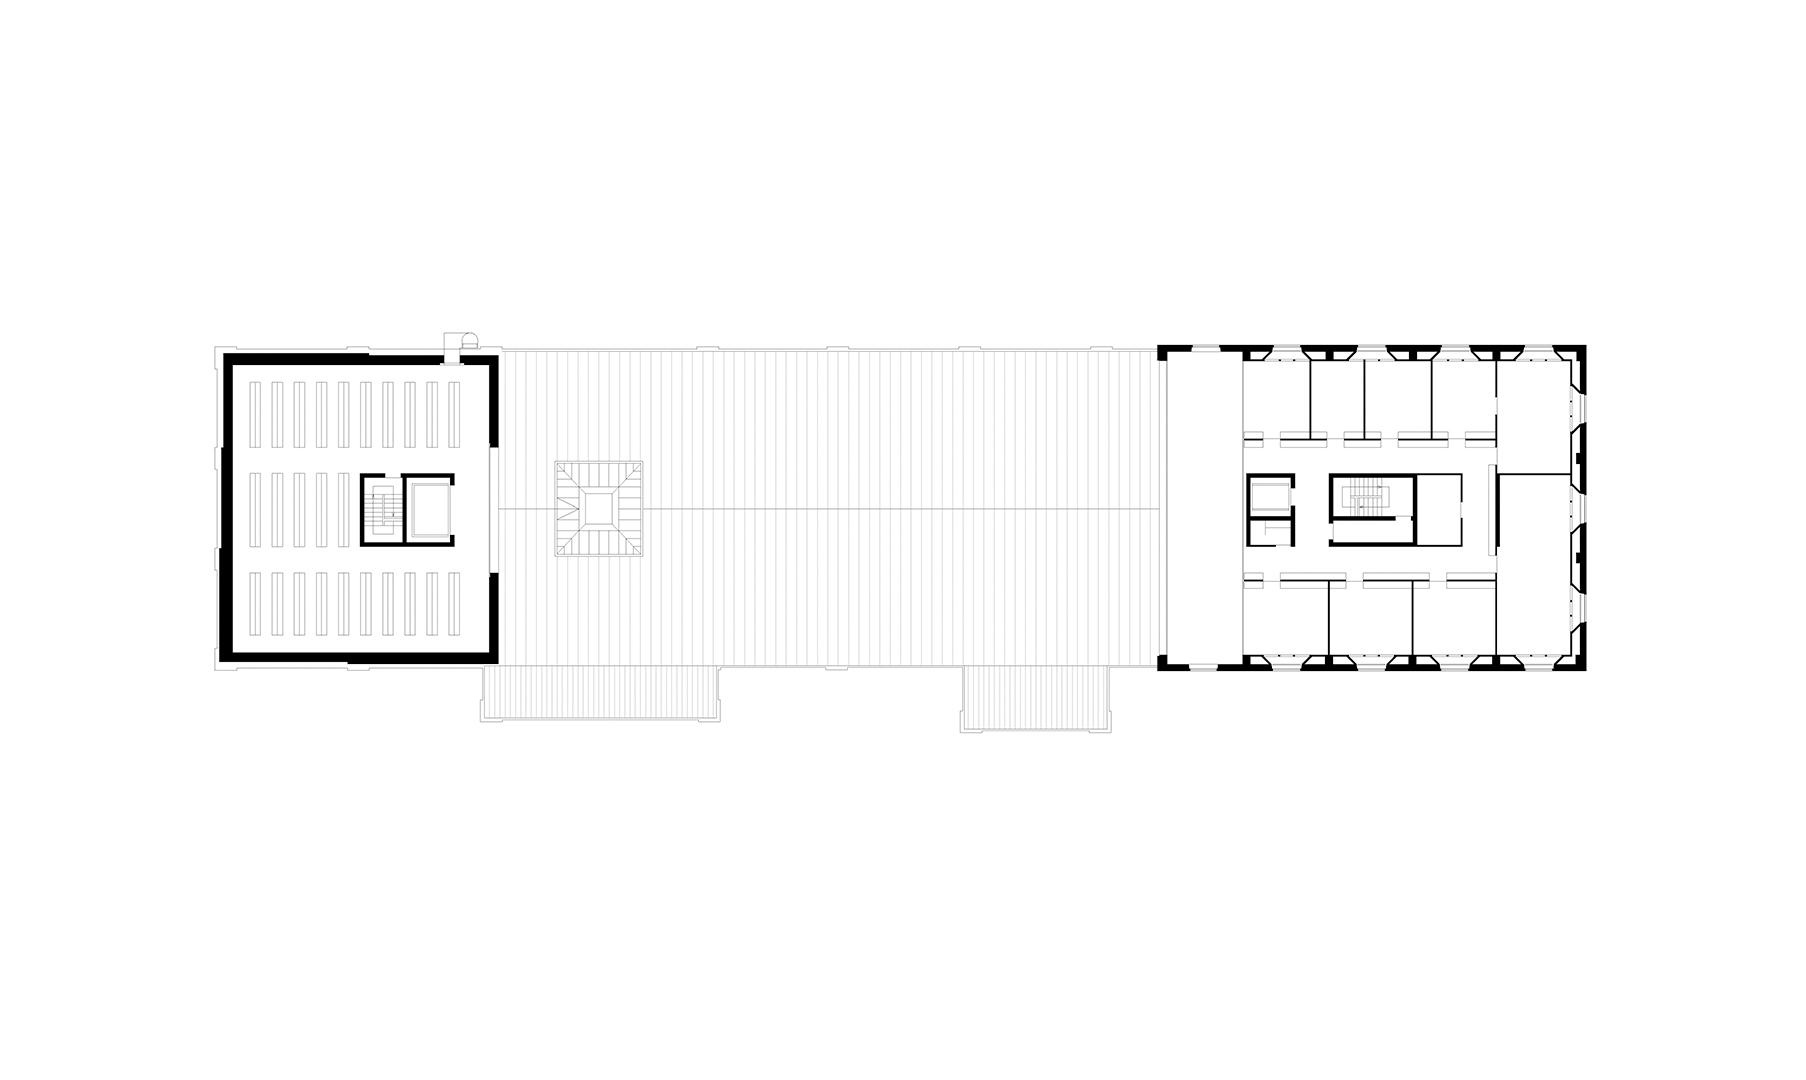 Landeskonservatoramt, Reden | Sauerzapfe Architekten